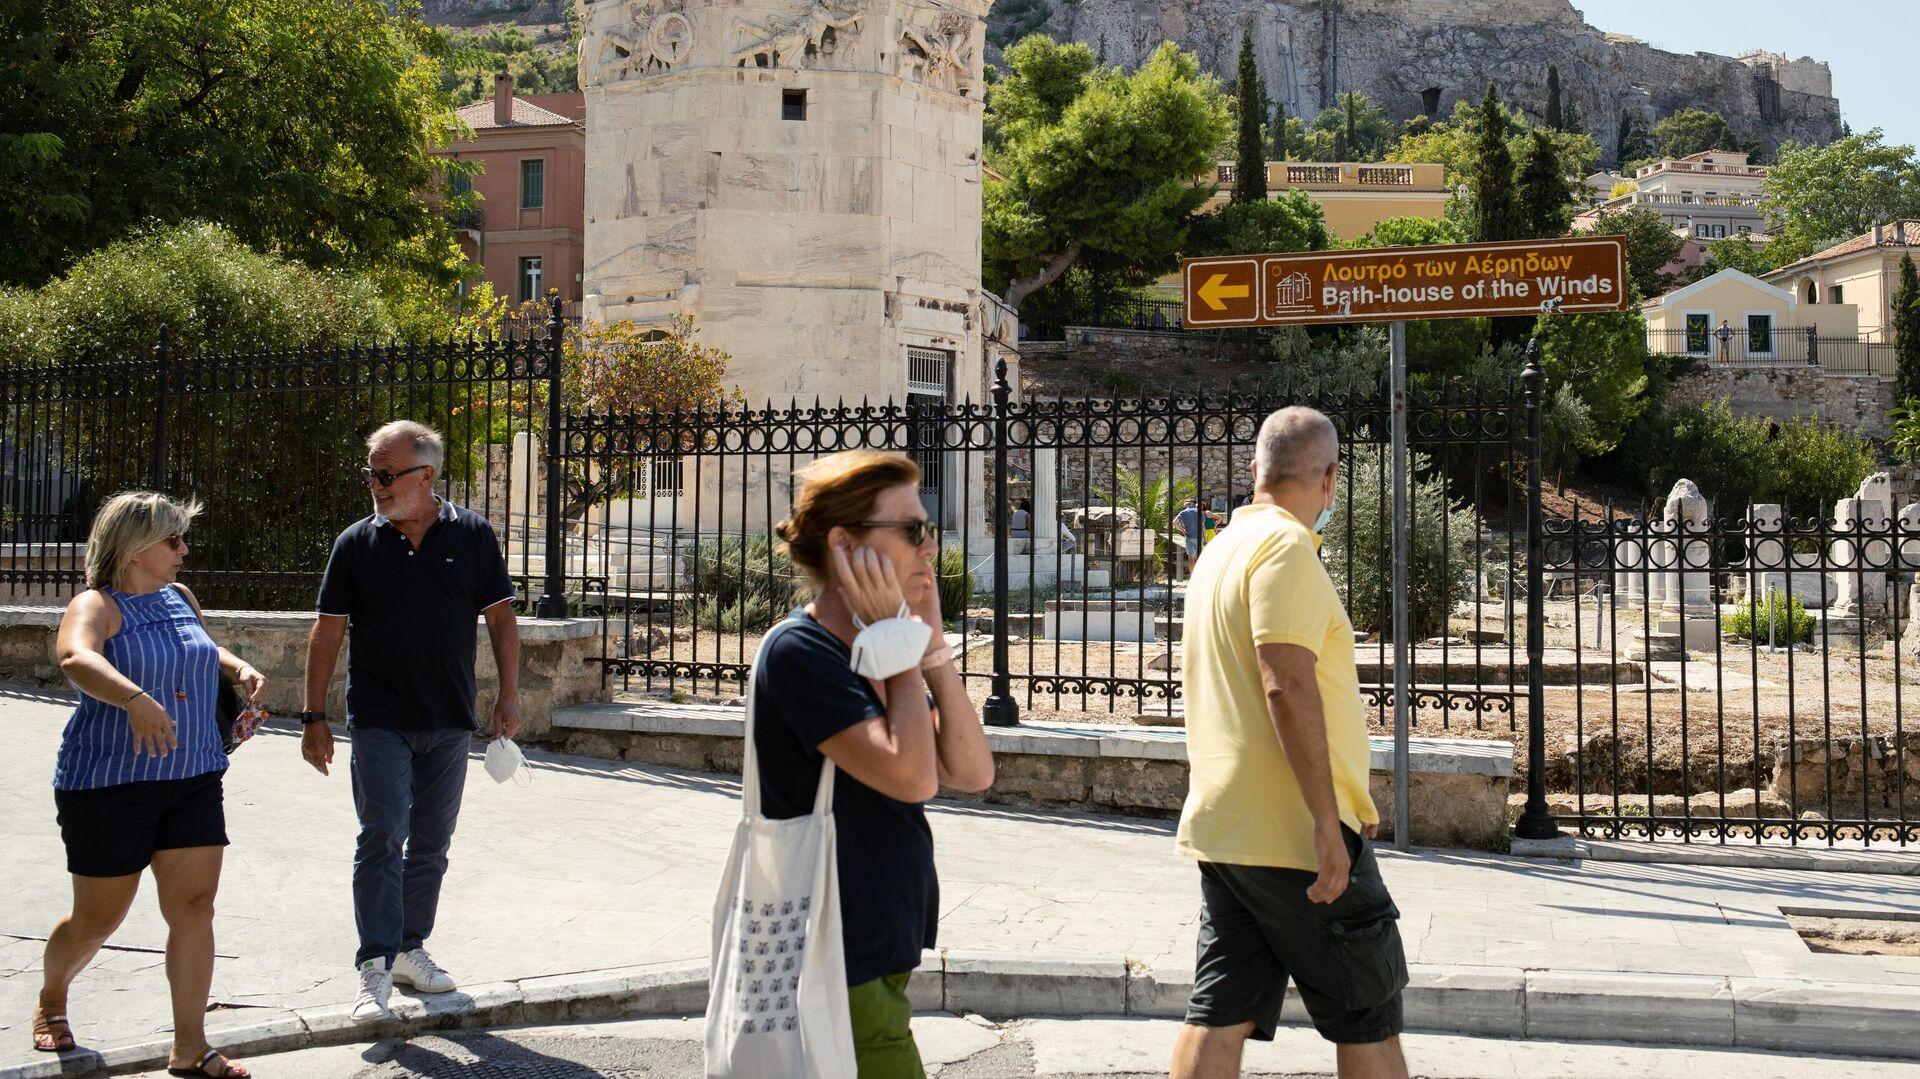 Туристы в районе Плака в Афинах - РИА Новости, 1920, 17.05.2021